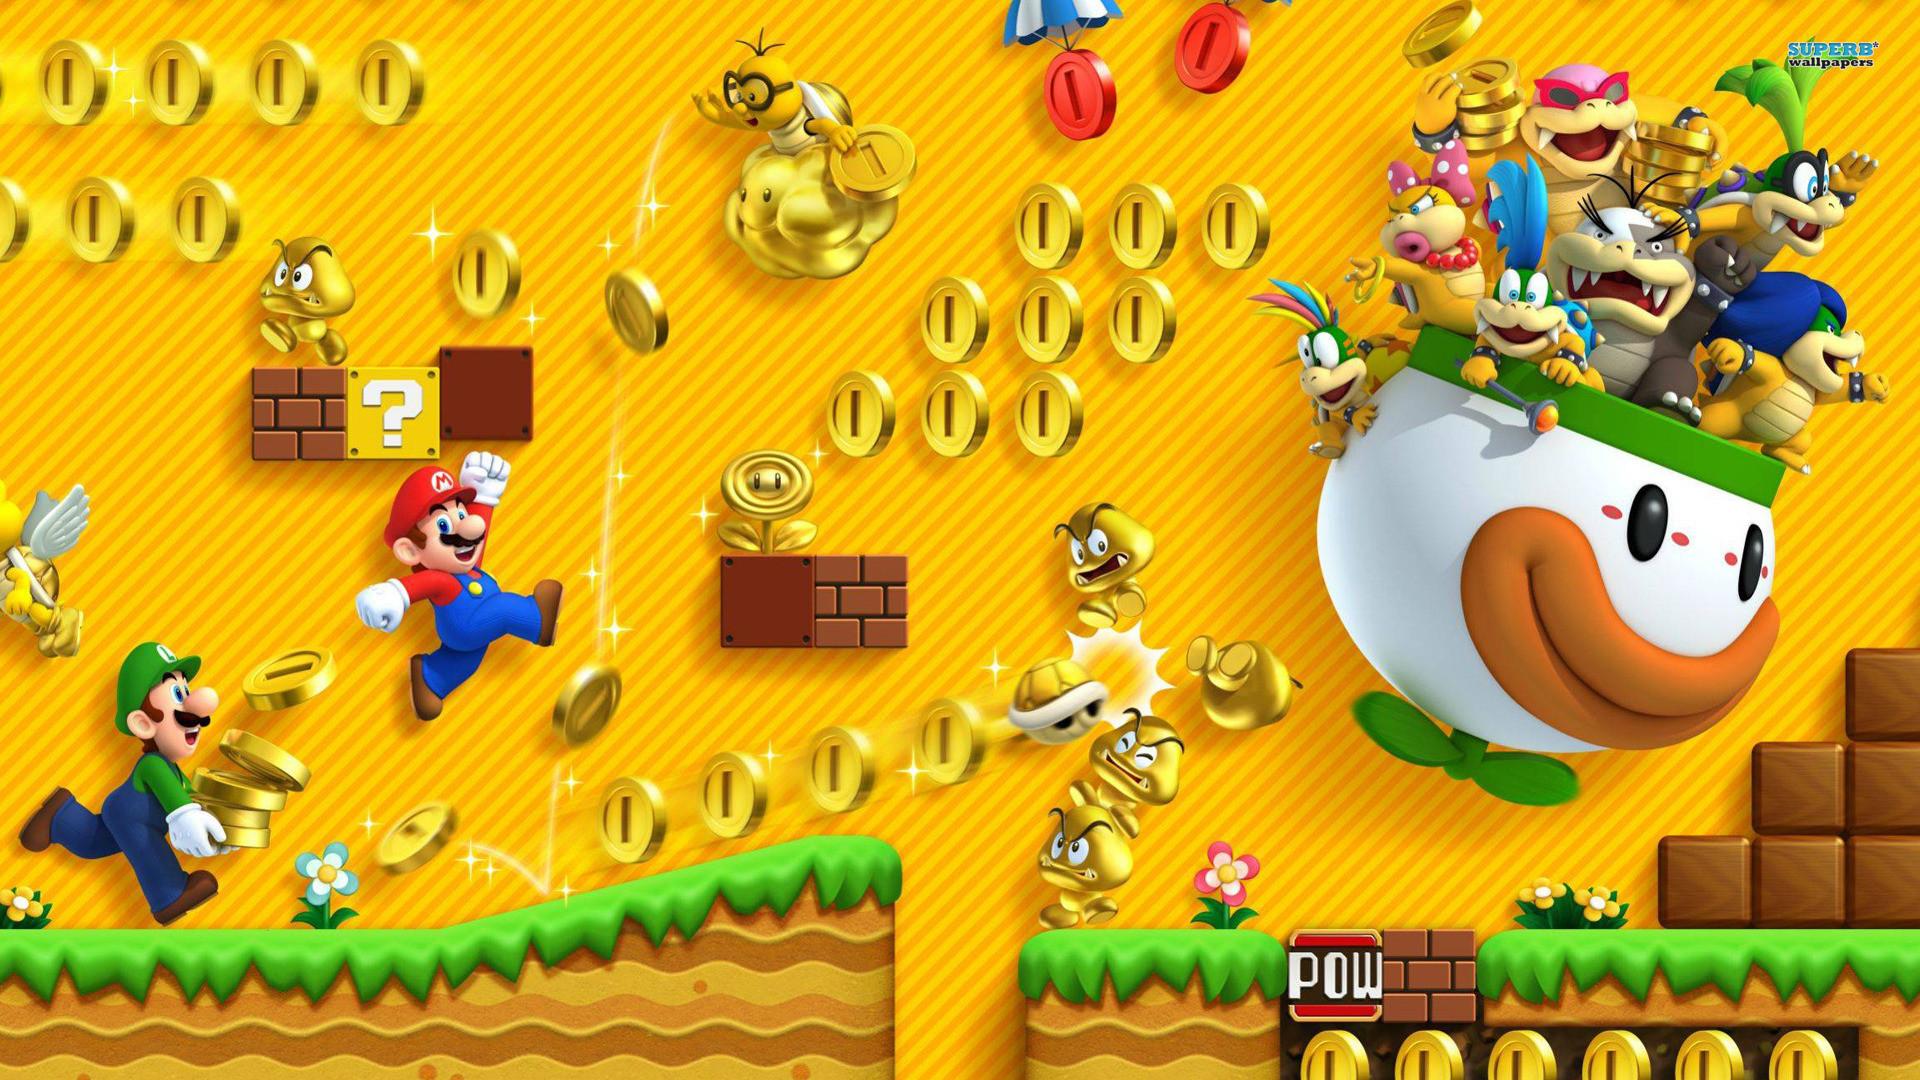 Super Mario Wallpaper 67 Images